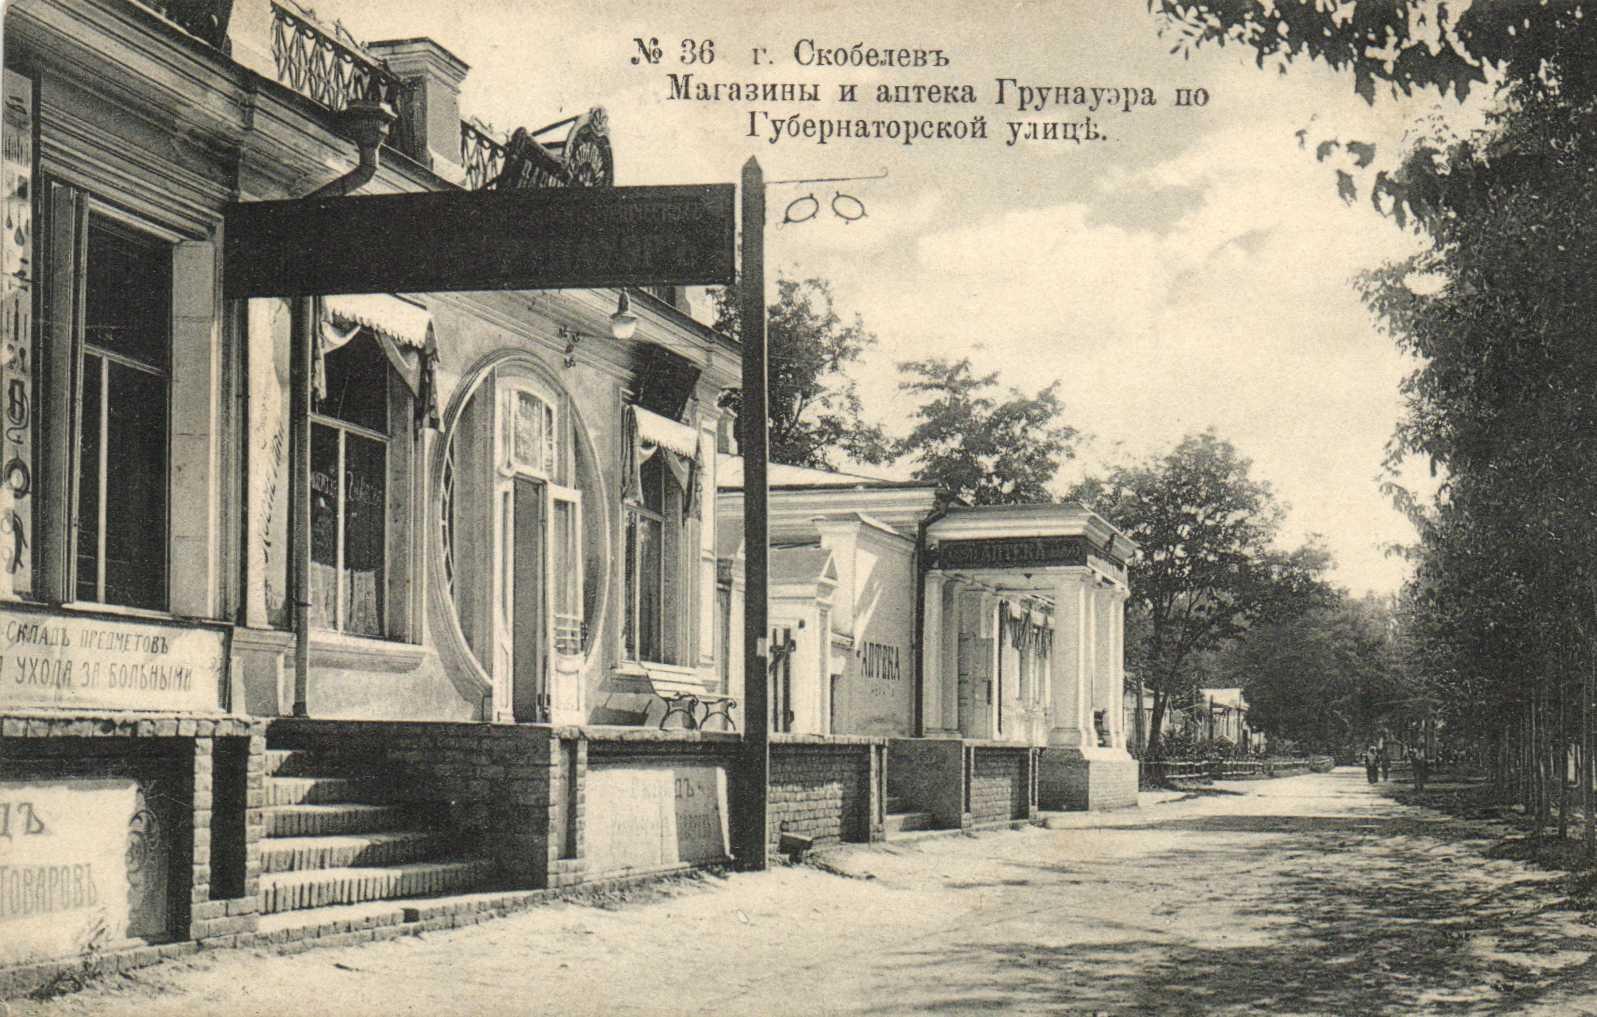 Скобелев. Магазины и аптека Грунауэра  по Губернаторской улицы